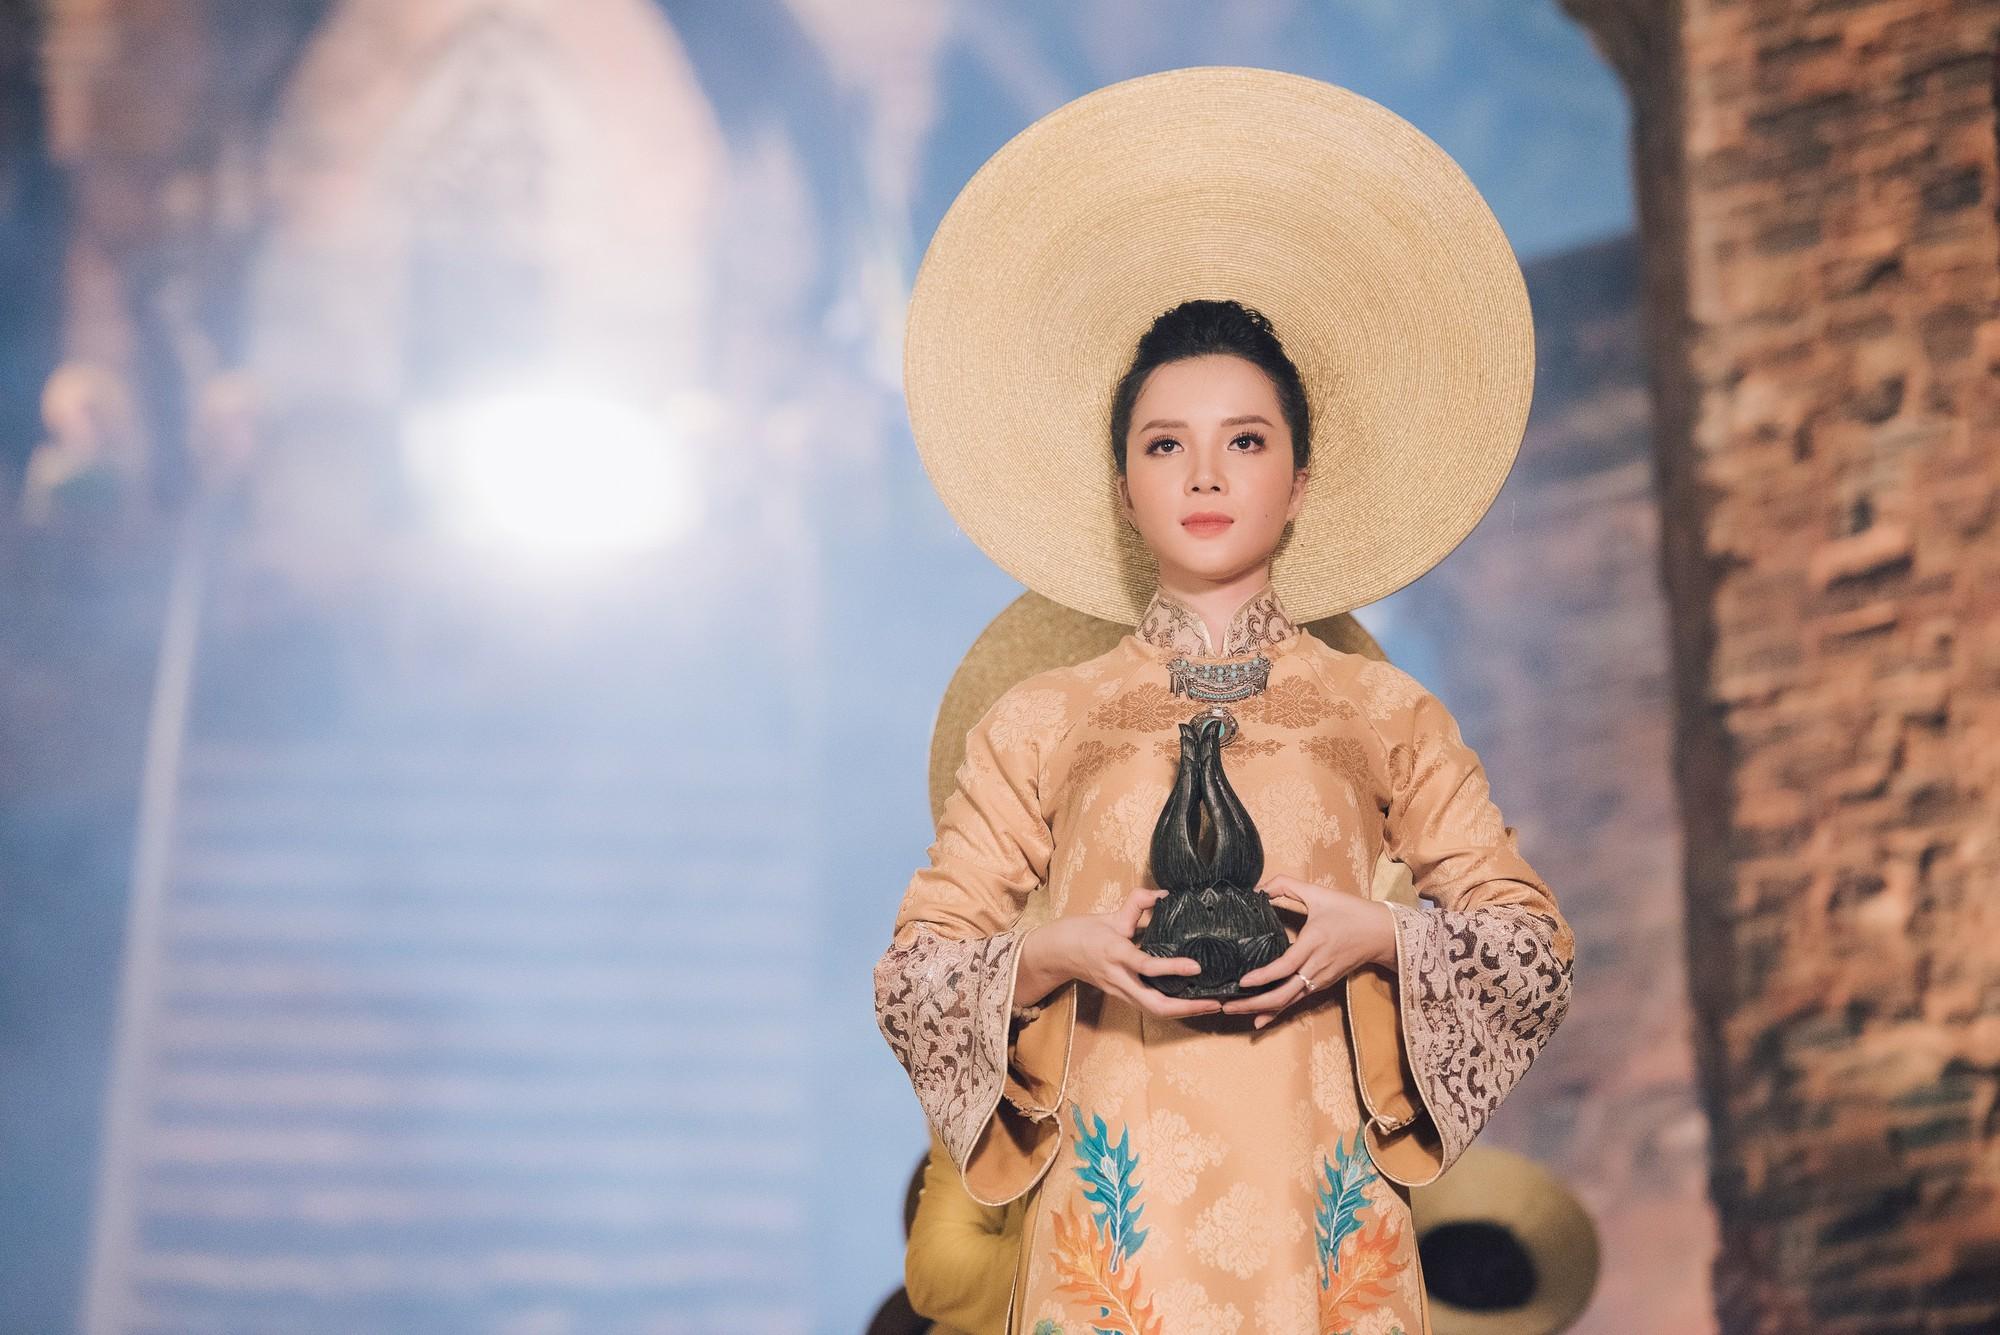 Đỗ Mỹ Linh trở thành đại sứ lễ hội Trầm hương Khánh Hòa - Ảnh 5.